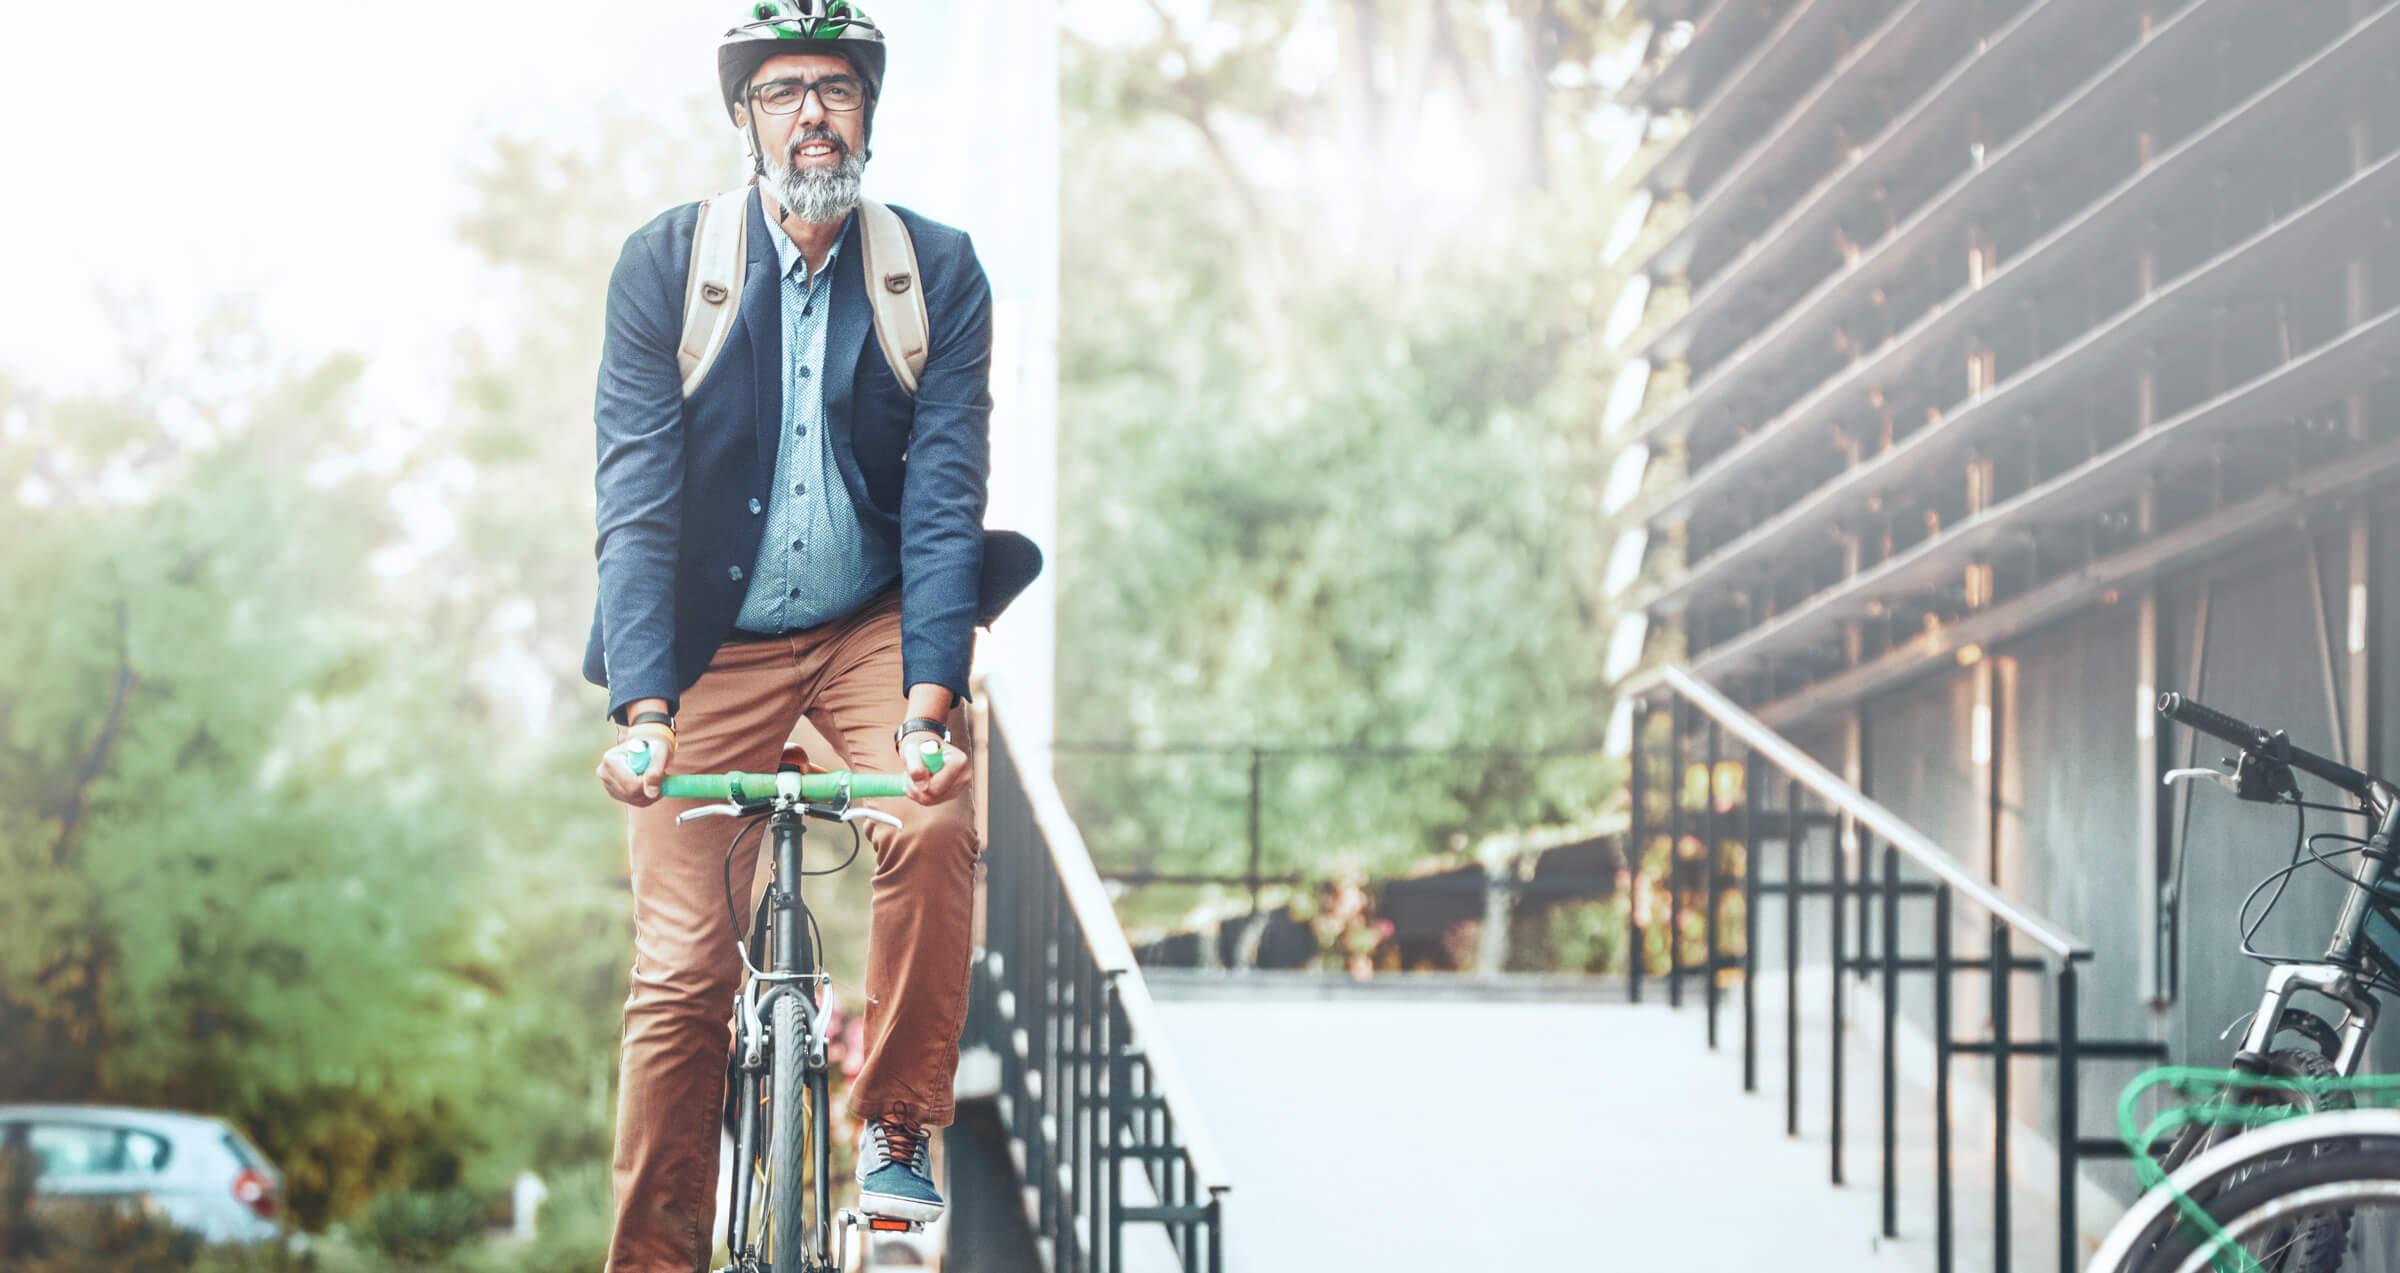 Zadowolony klient LYNX cieszący się wolnym czasem na rowerze i korzyściami rachunku inwestycyjnego